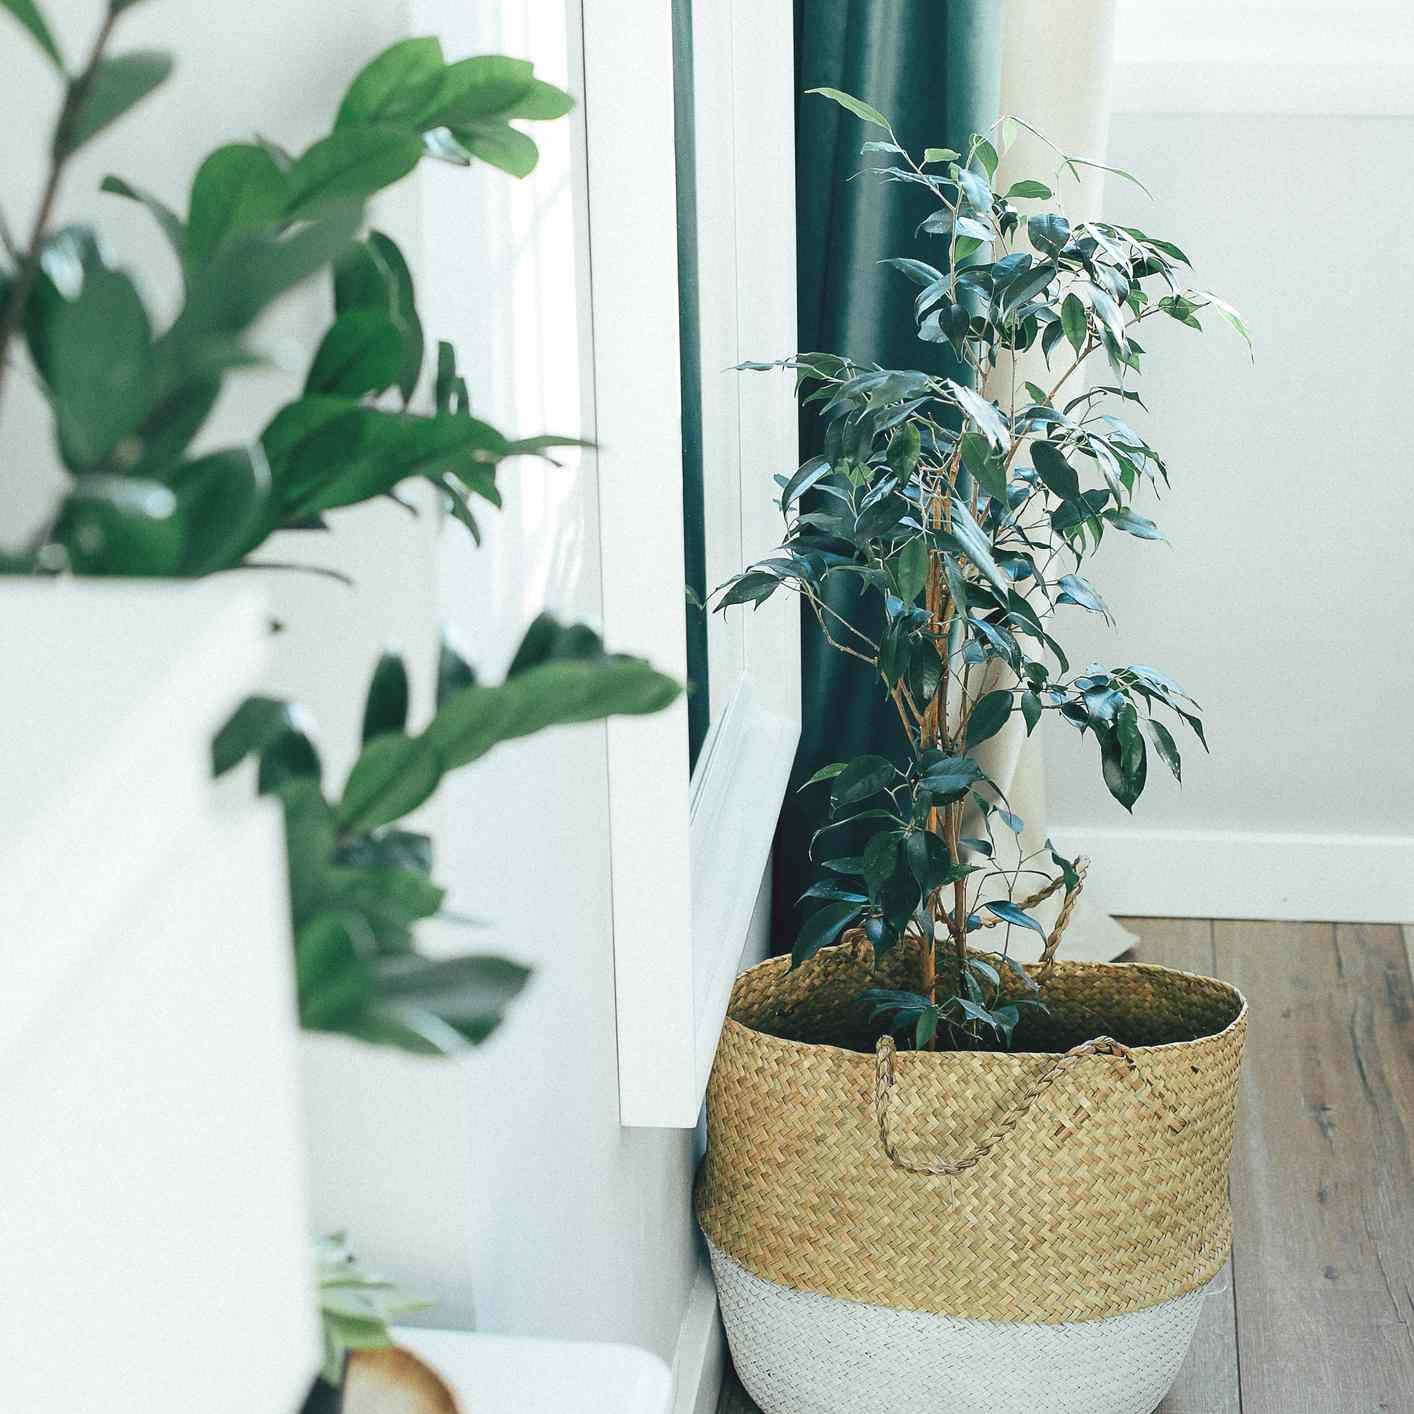 weeping fig in basket on wood floor